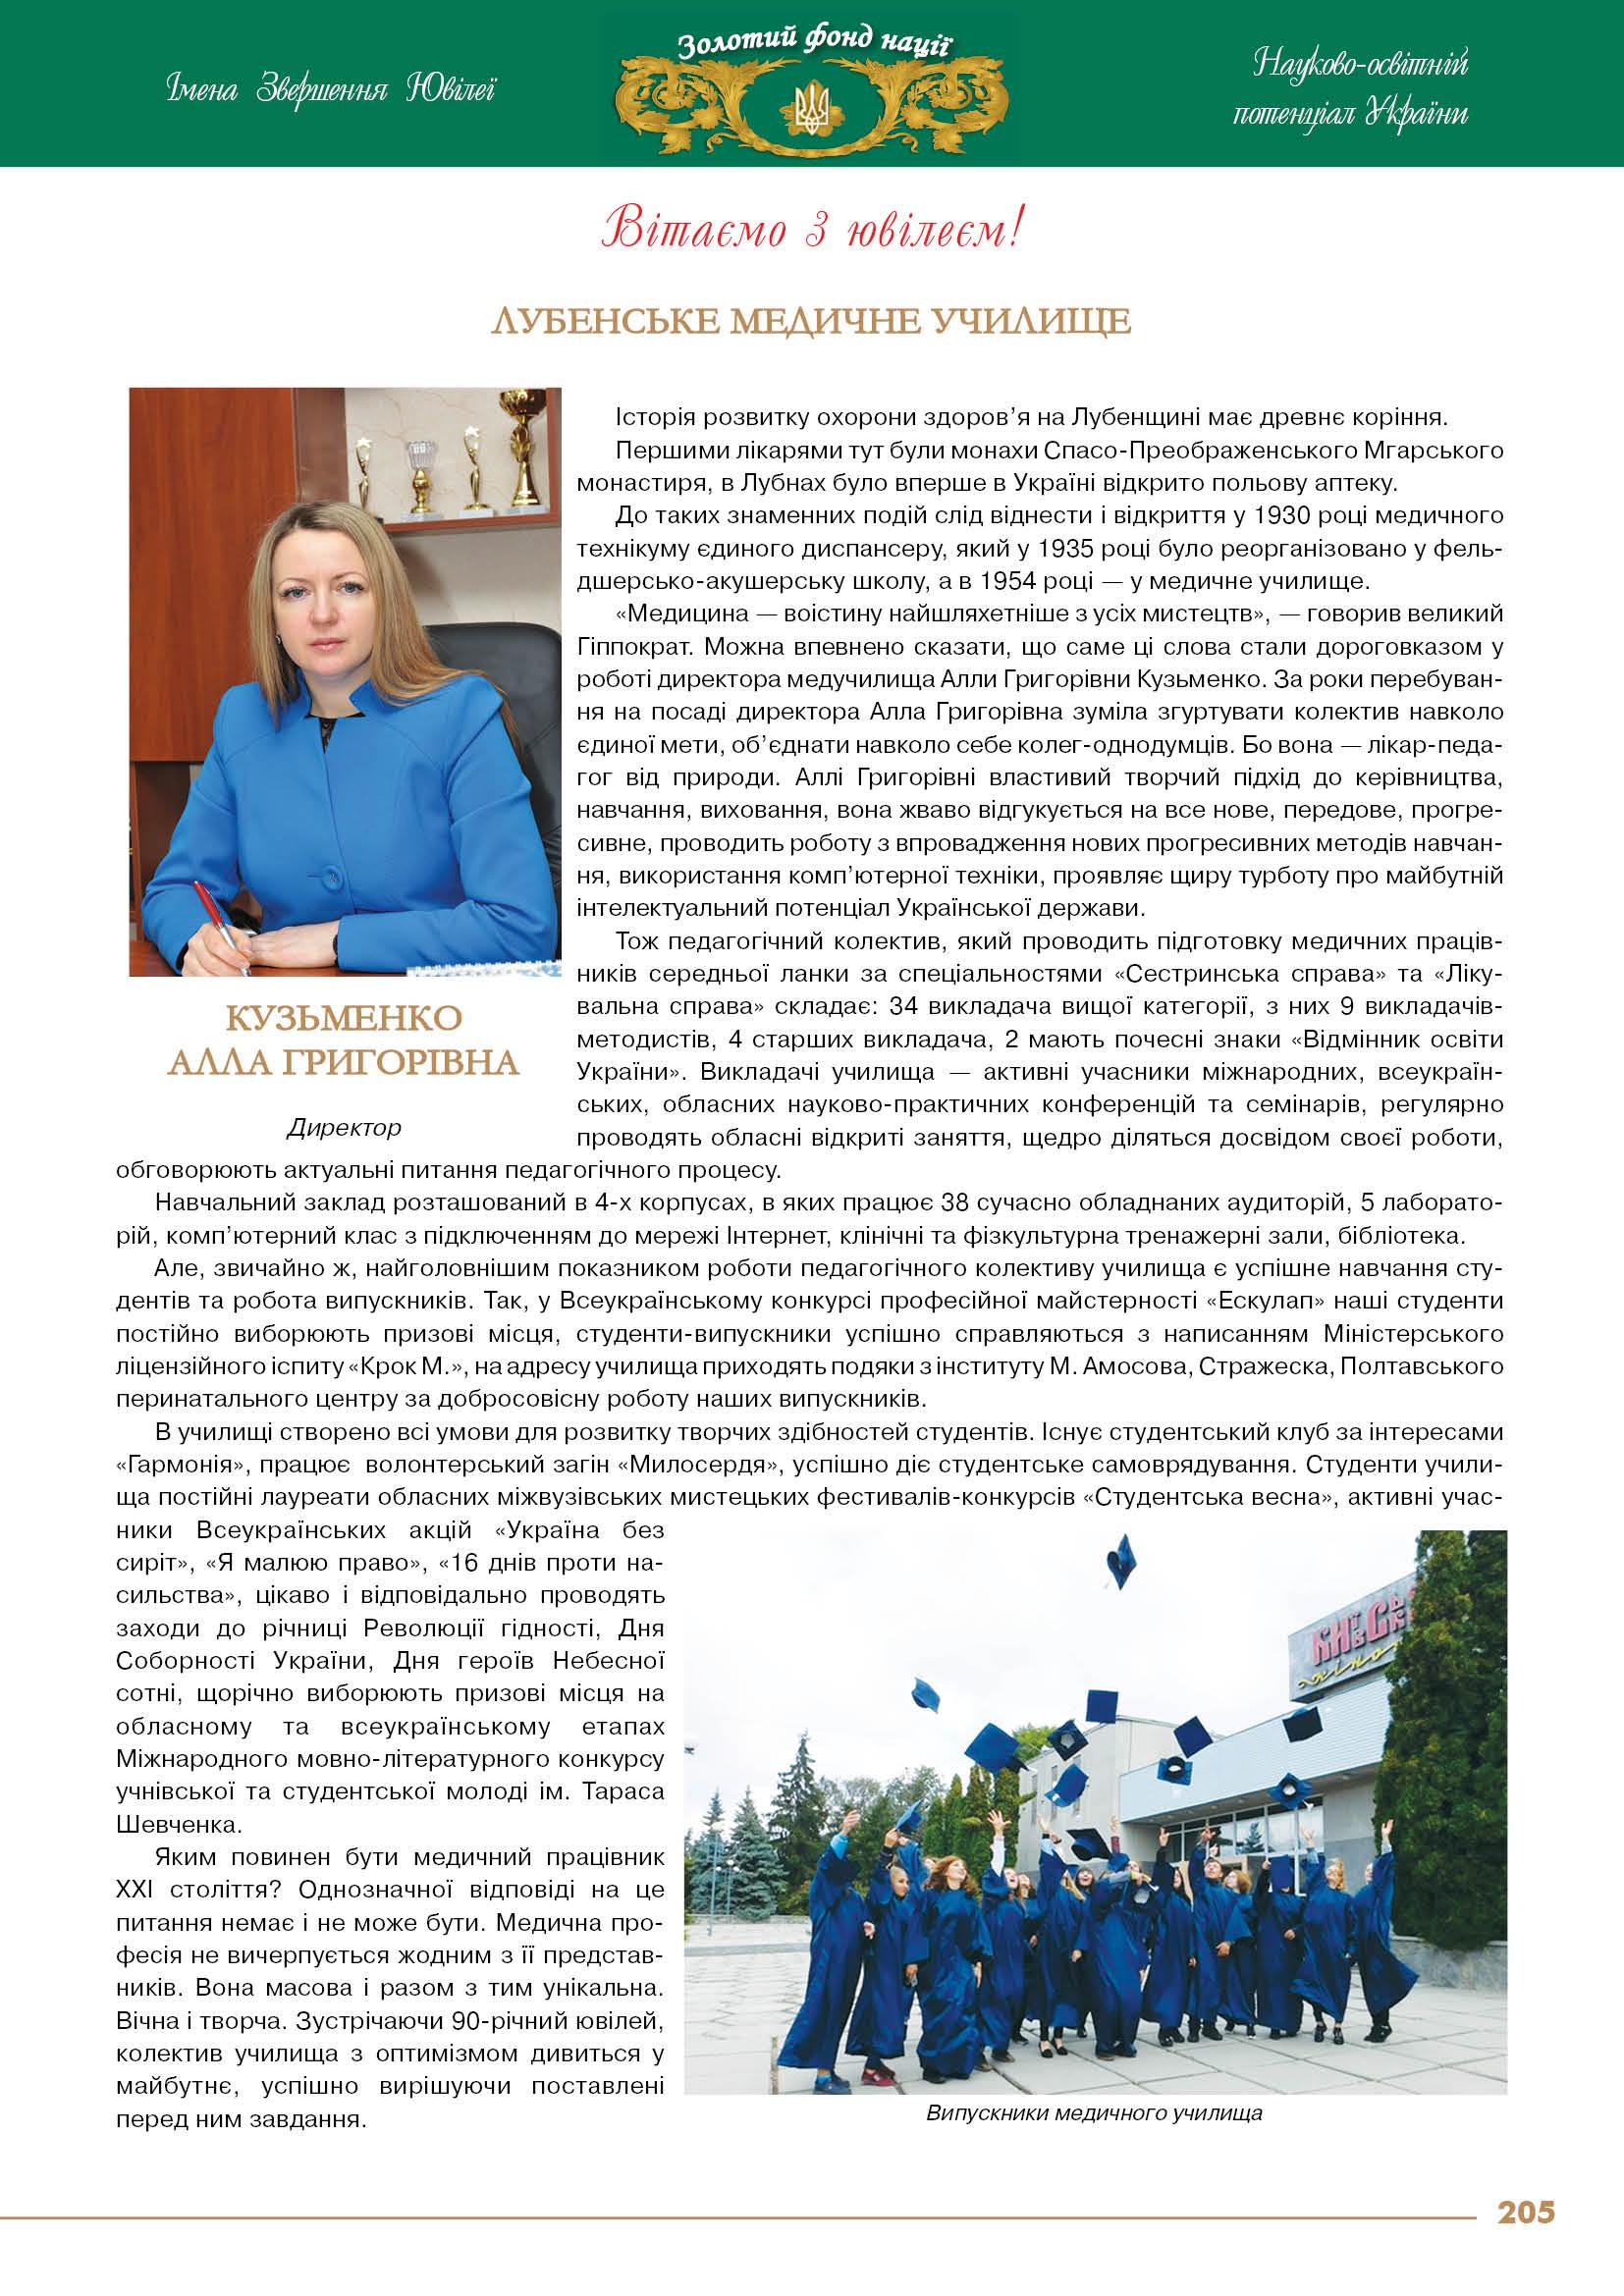 Лубенське медичне училище - директор Кузьменко Алла Григорівна